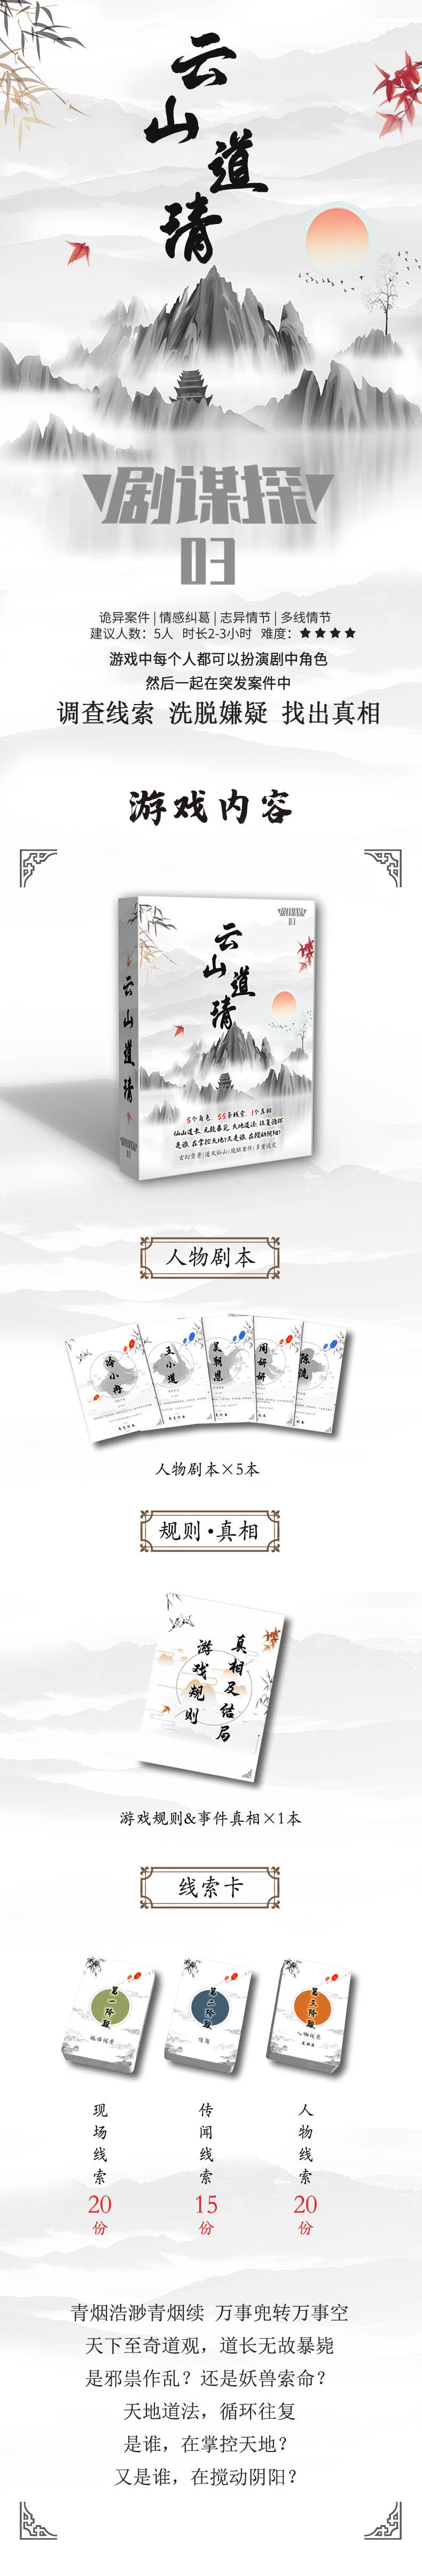 理牢劇本殺團-雲山道清 - 理牢桌遊城-官方網站